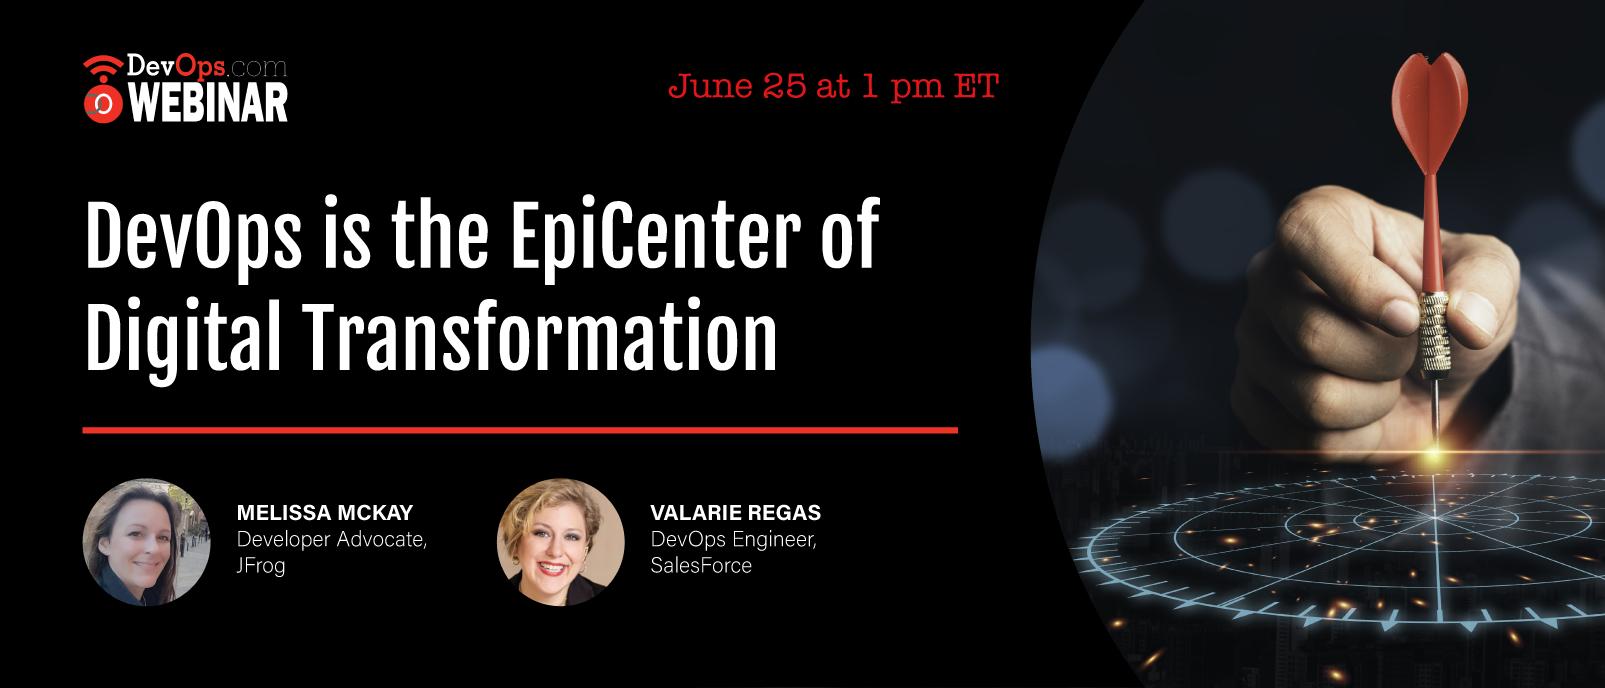 DevOps is the EpiCenter of Digital Transformation